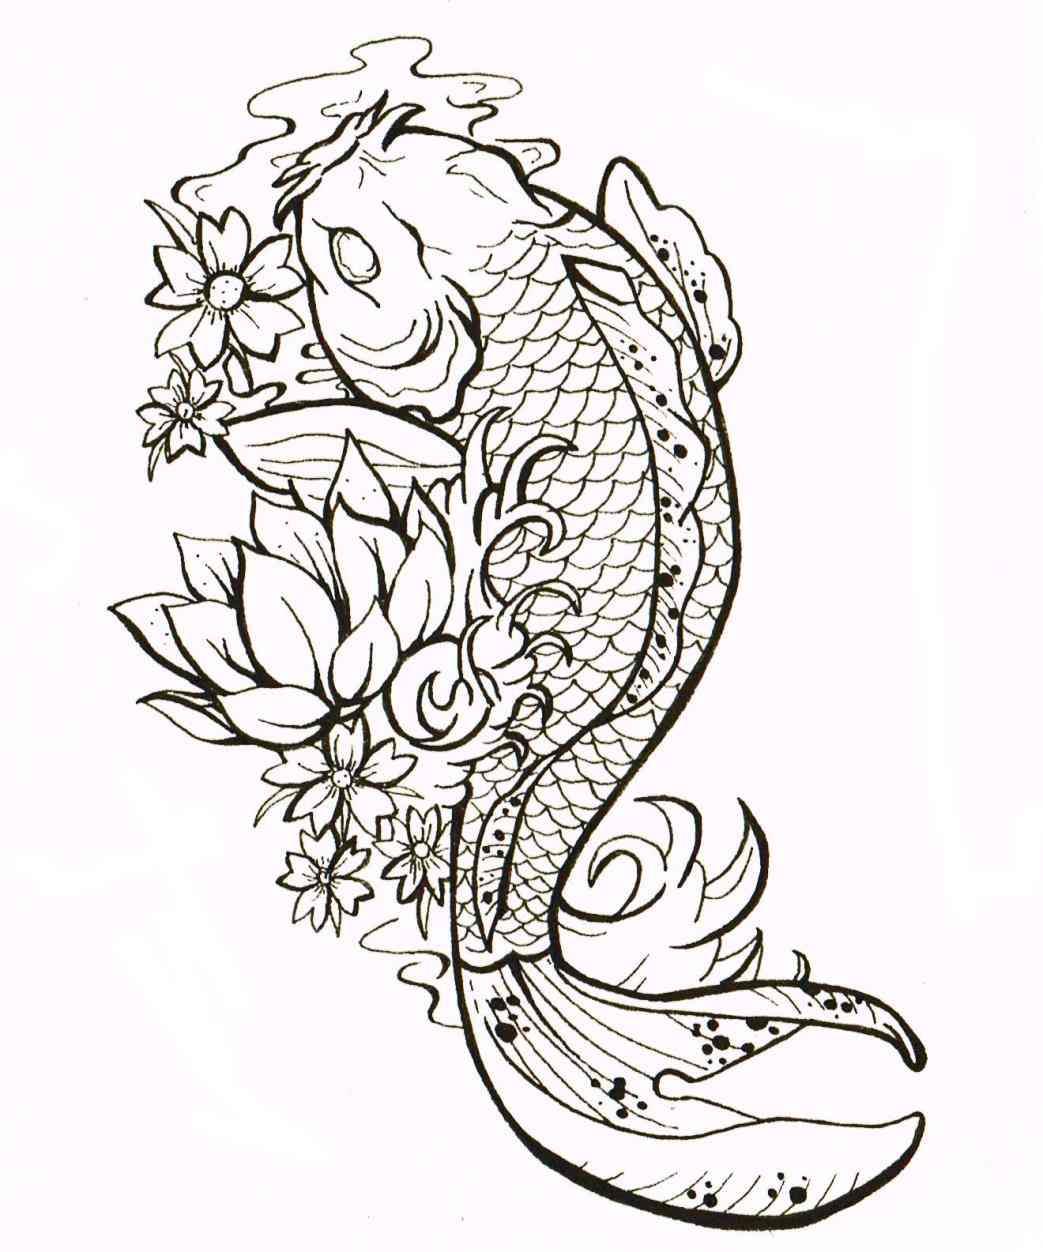 1043x1252 Best Ideas Koi Fish